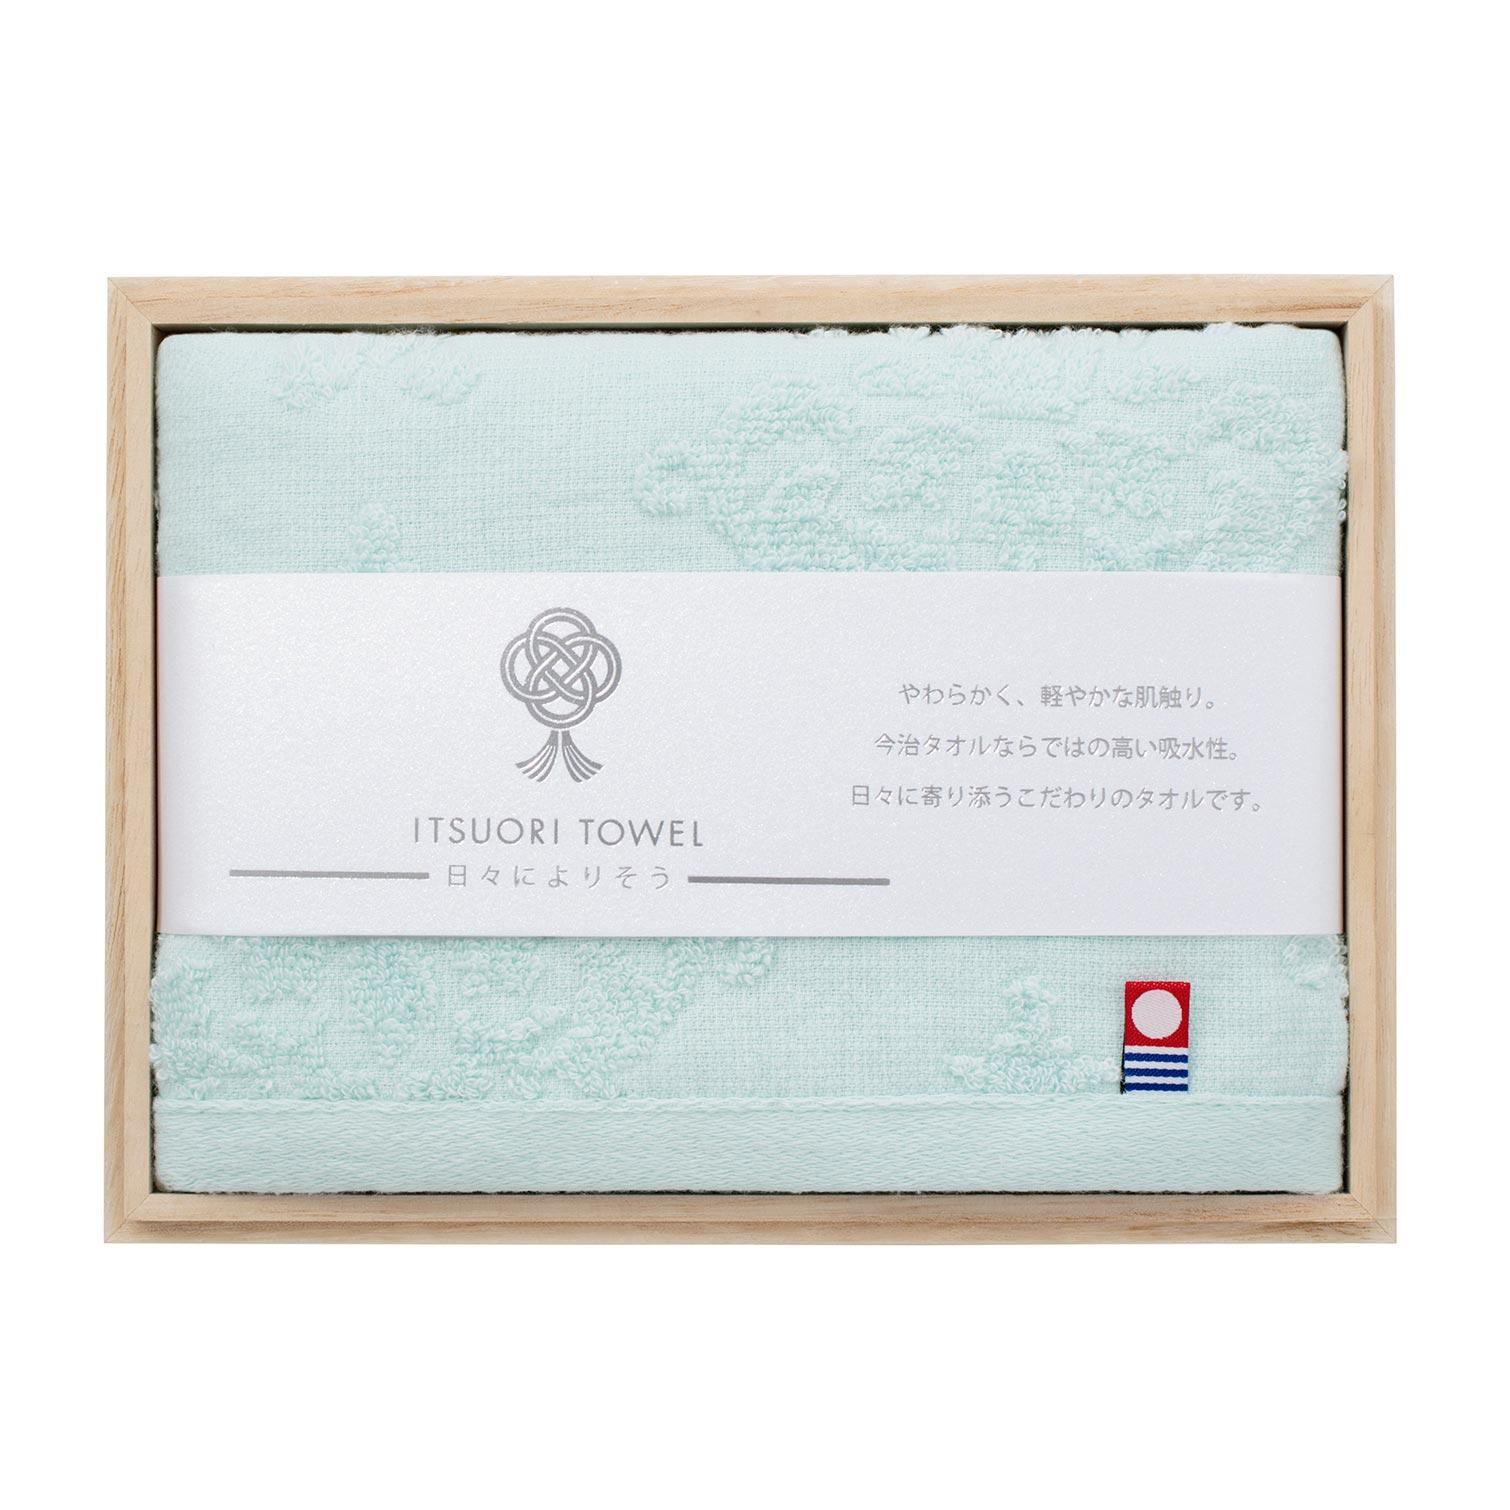 逸織タオル 爽 ITSUORI TOWEL  AOI   フェイスタオル x 1 ITSAOI10WH/GR